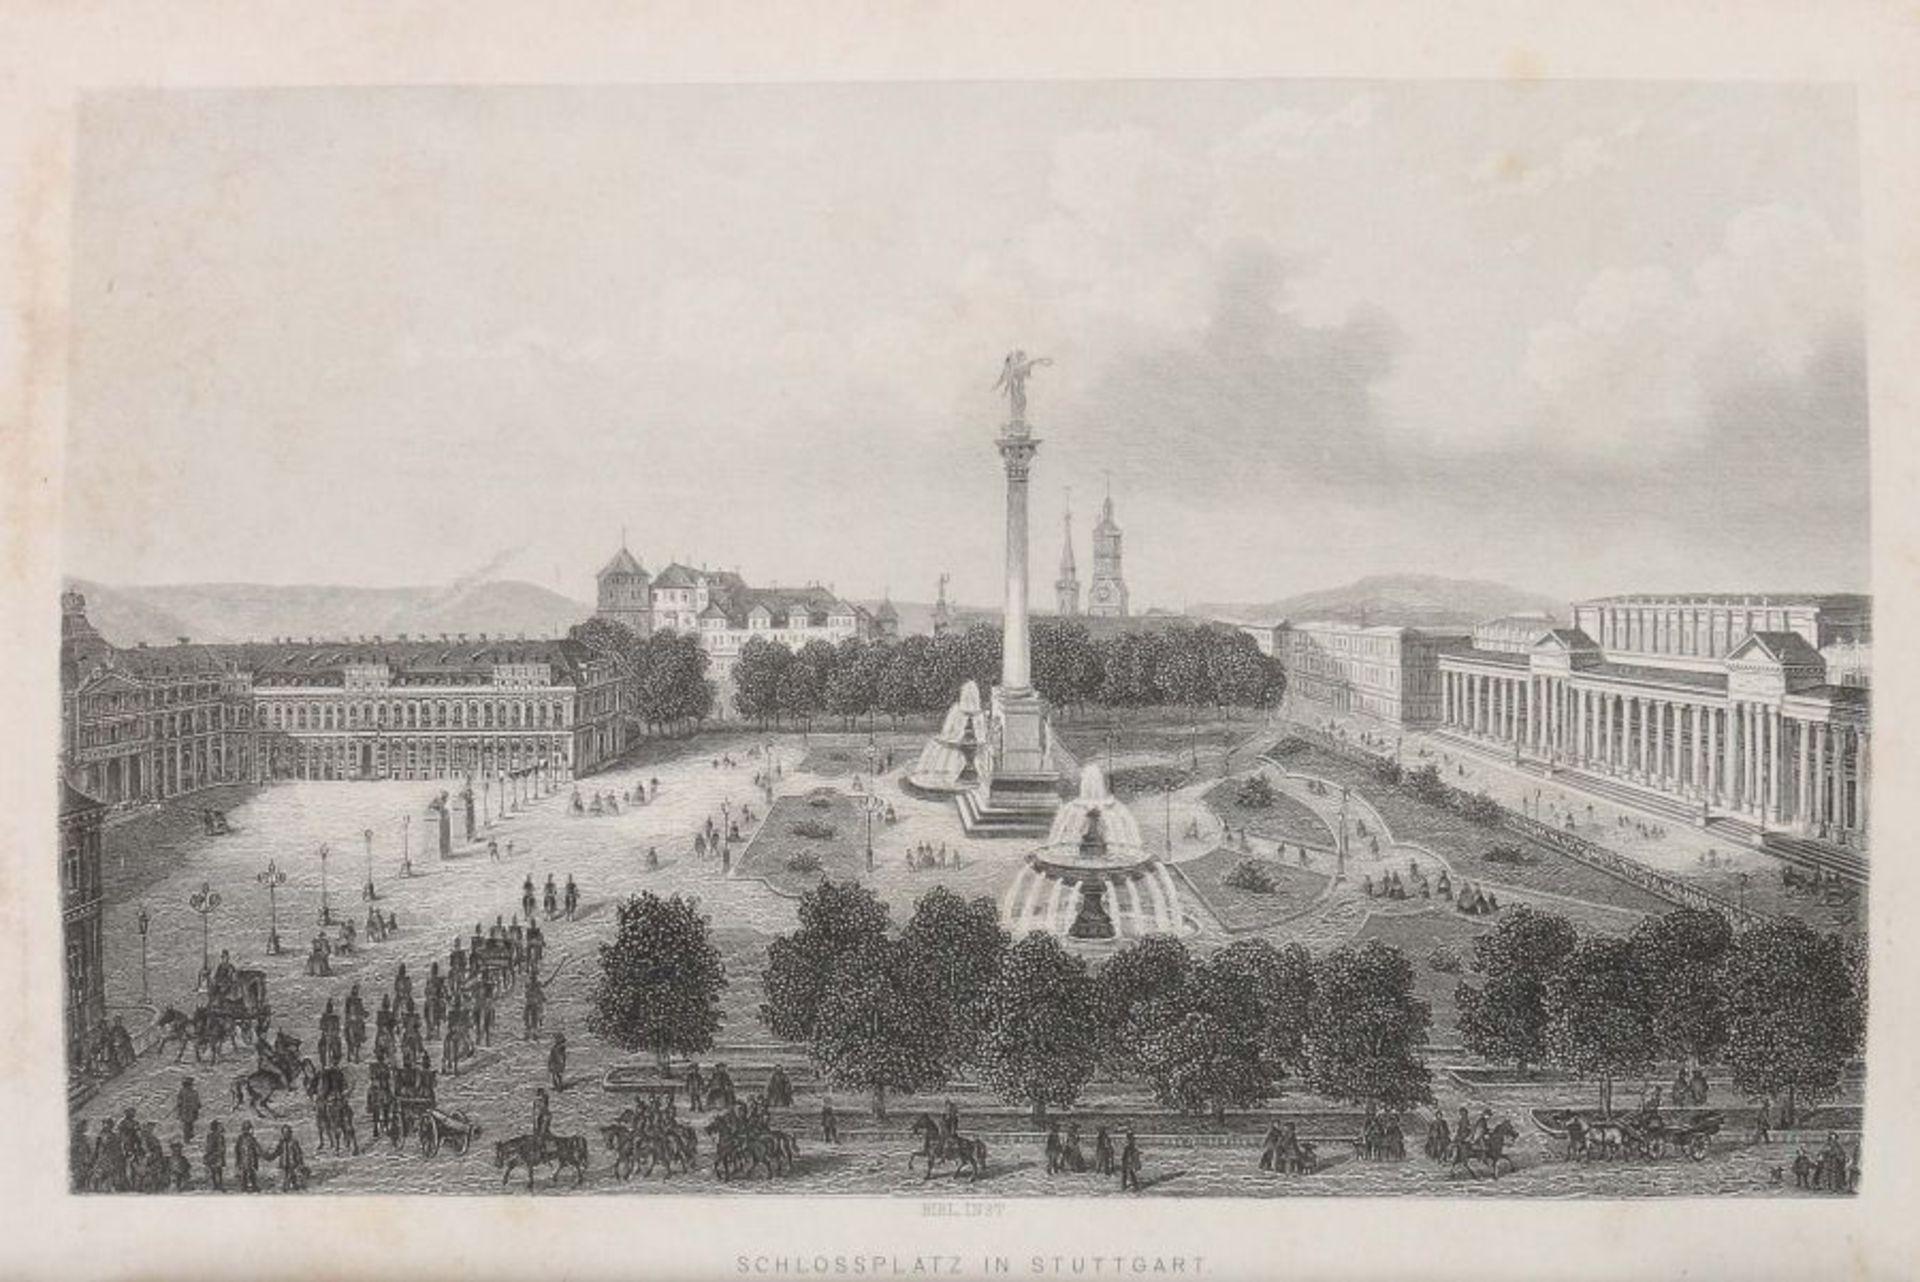 Schwab, Gustav Wanderungen durch Schwaben, vierte vollständig umgearbeitete Auflage von Dr. Karl - Bild 4 aus 4